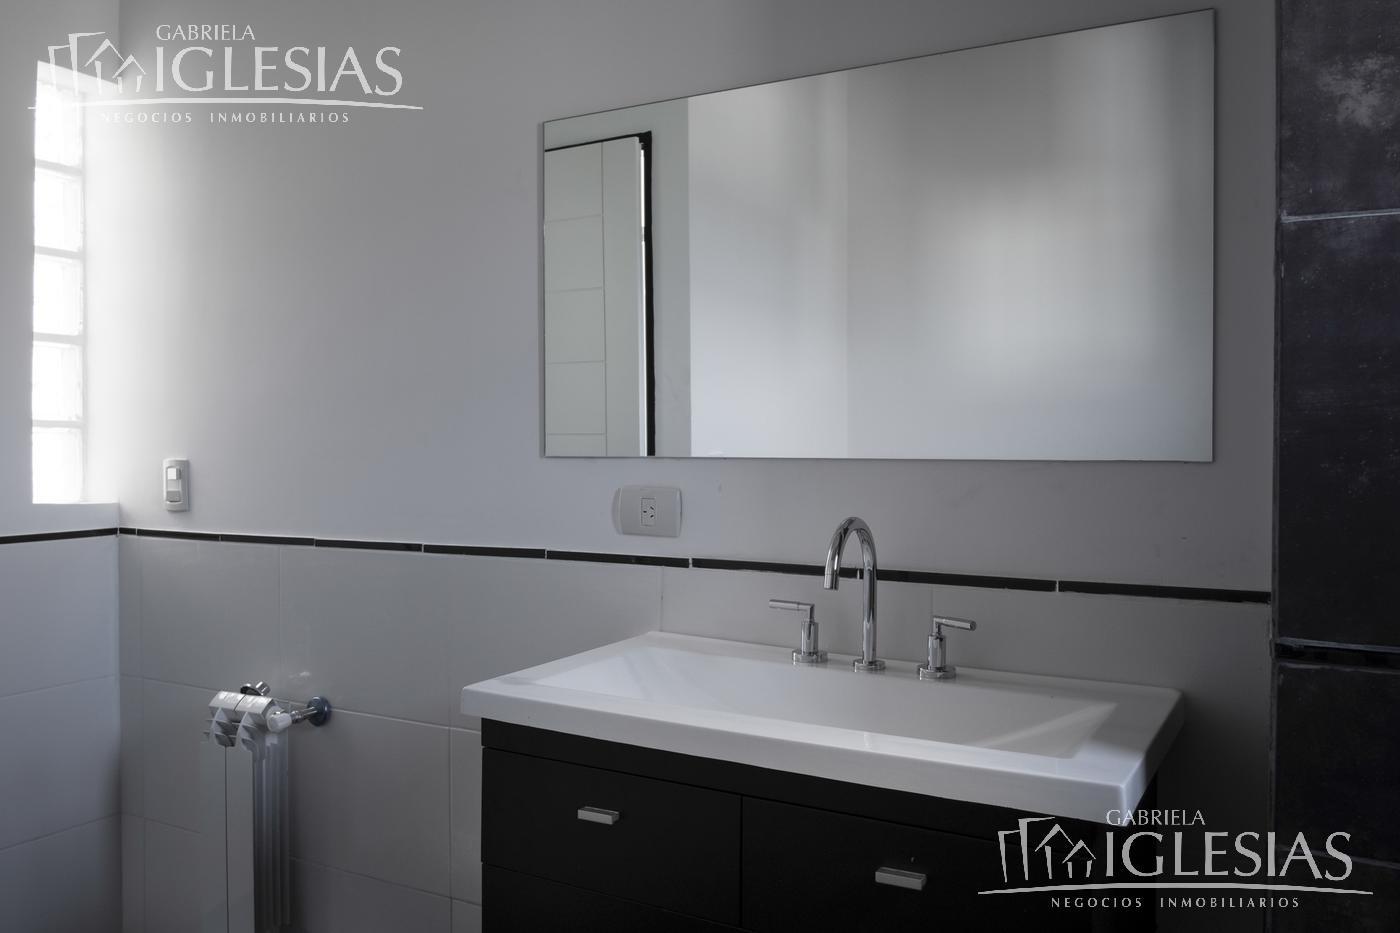 Casa en Venta en San Gabriel a Venta - u$s 255.000